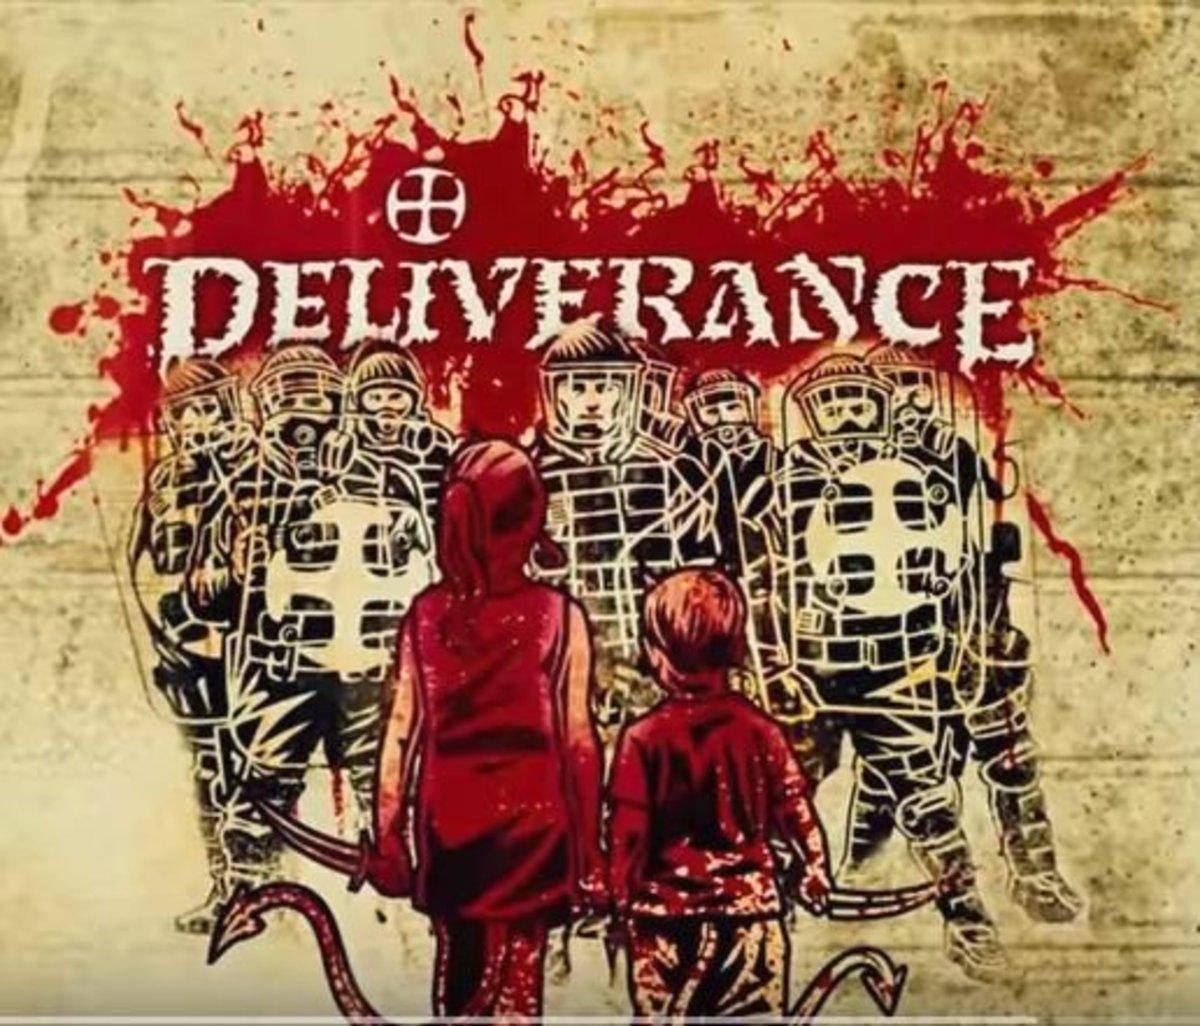 Deliverance: Christian Thrash Metal Legends